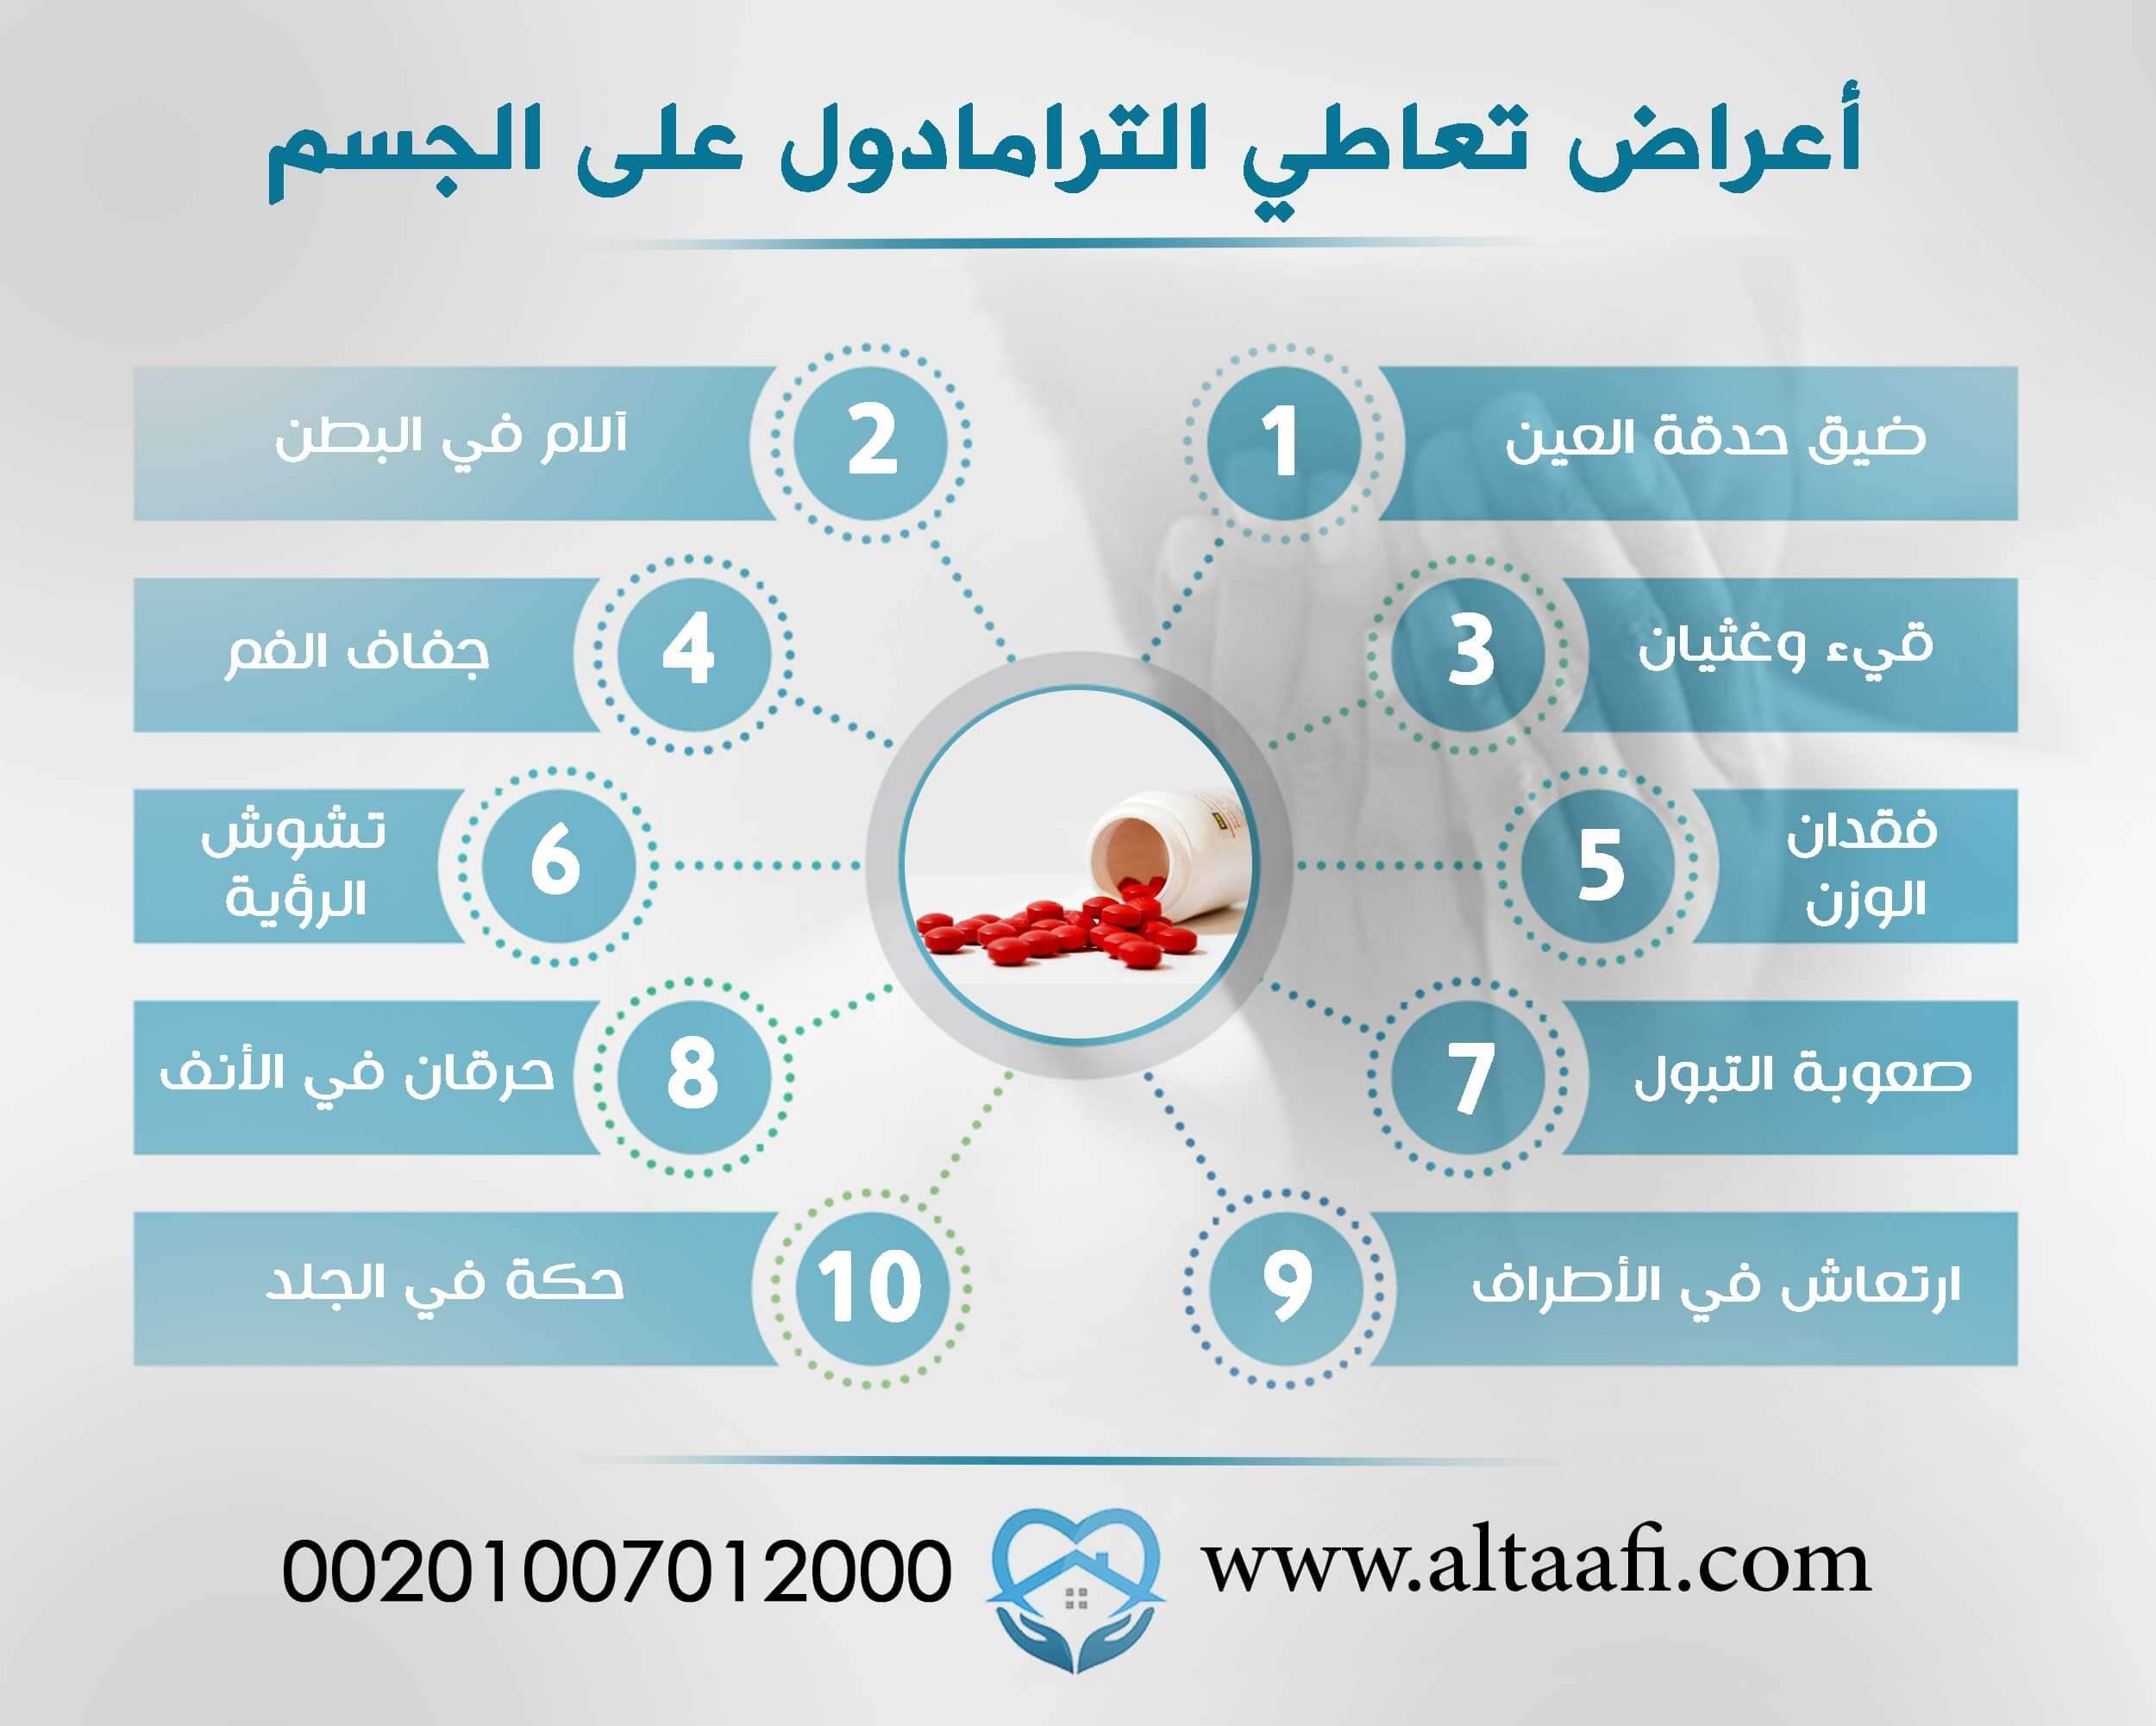 اعراض-تعاطي-الترامادول-عالجسم (1)